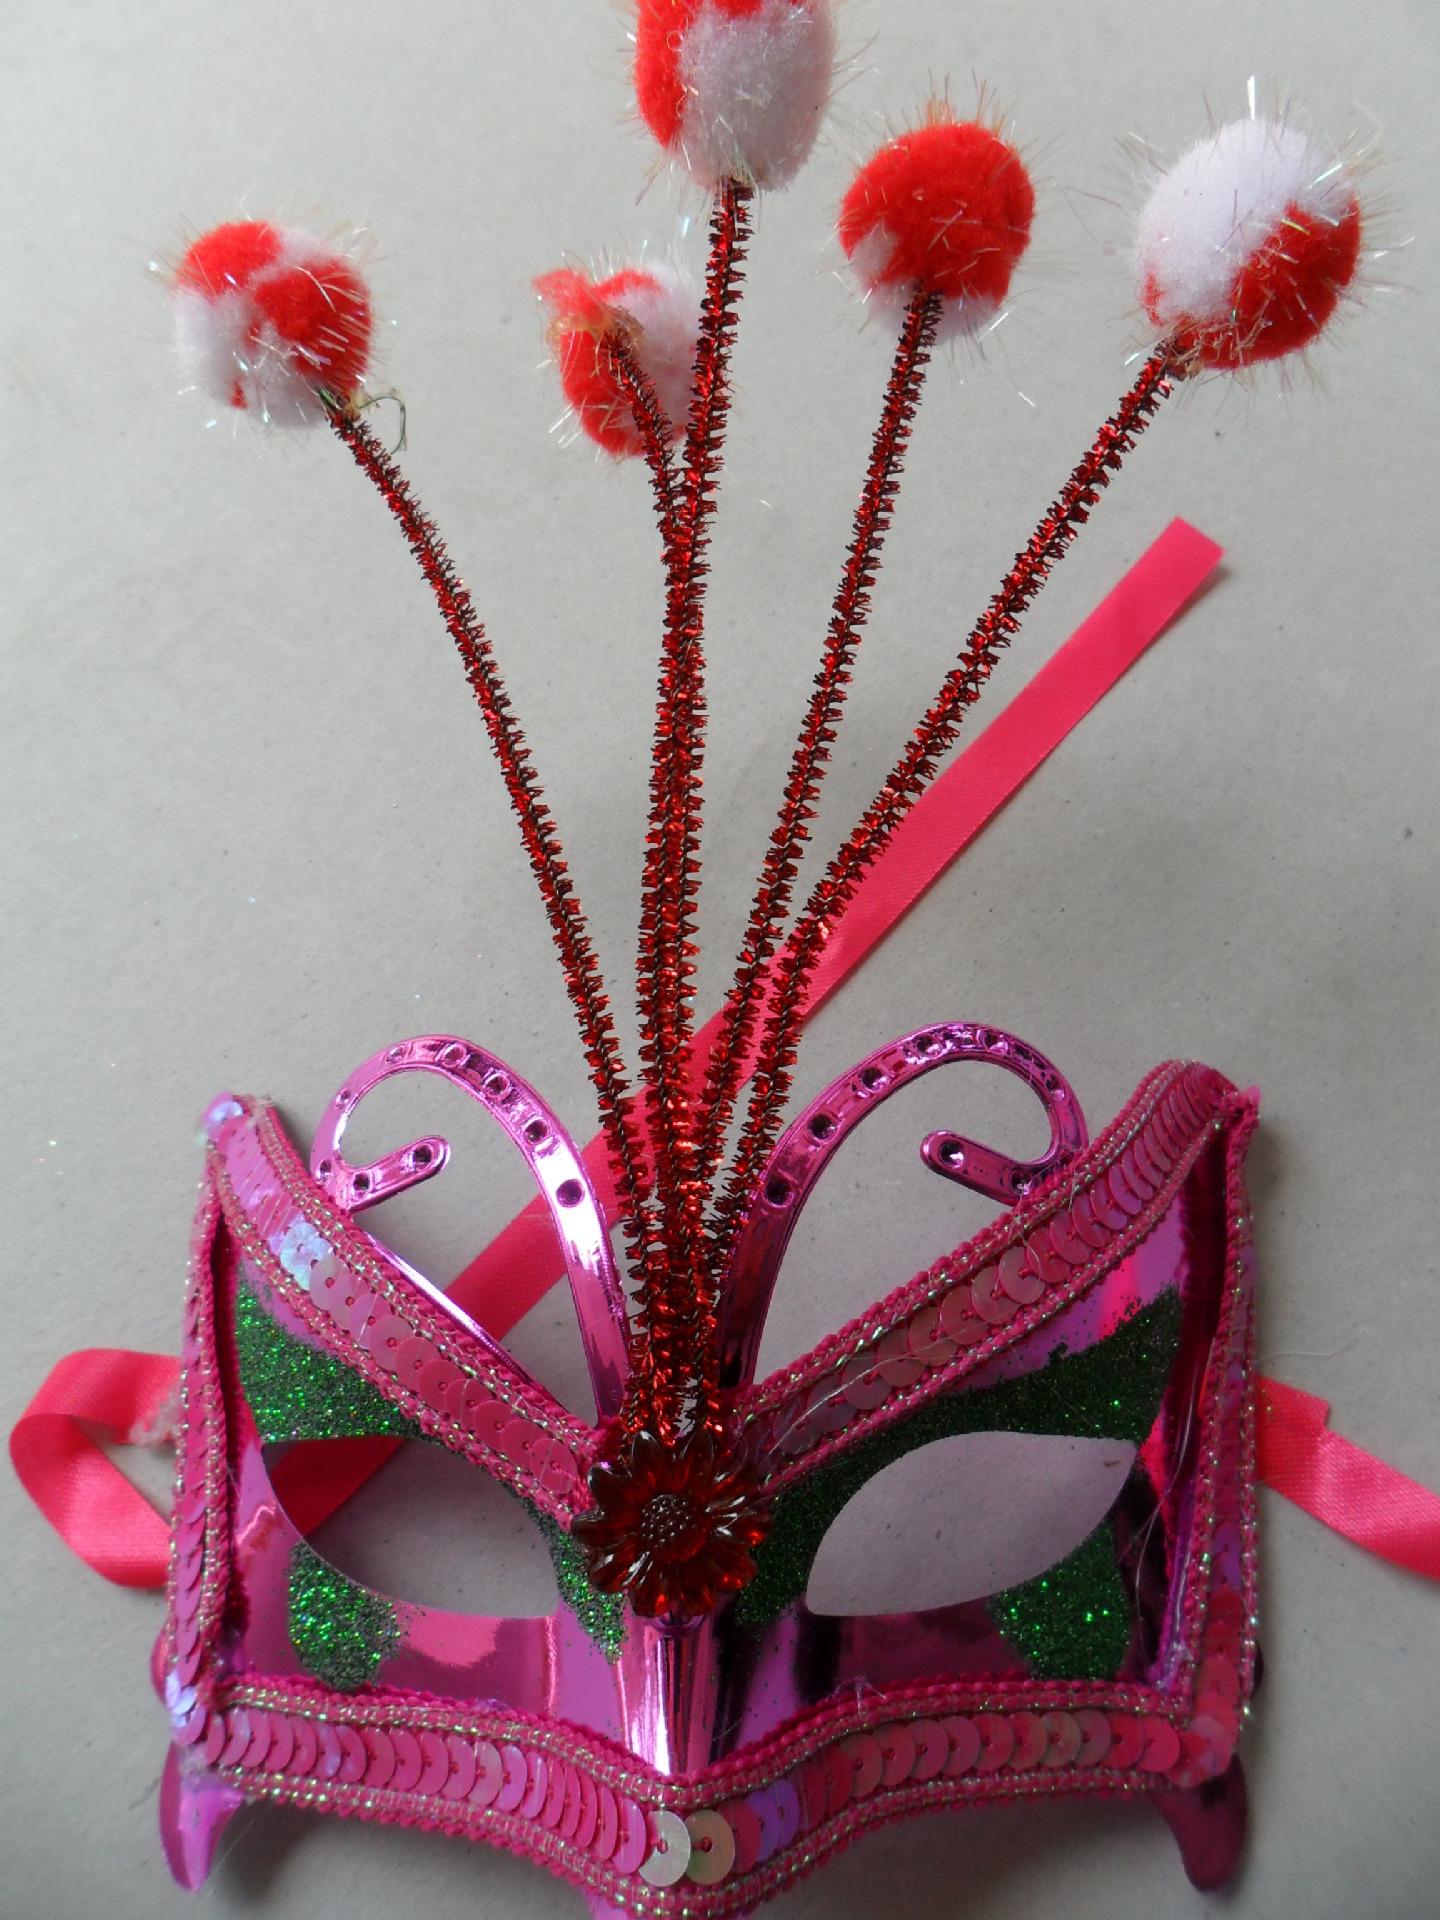 大量供应小蝴蝶面具 舞会 表演 万圣节 鬼节等面具